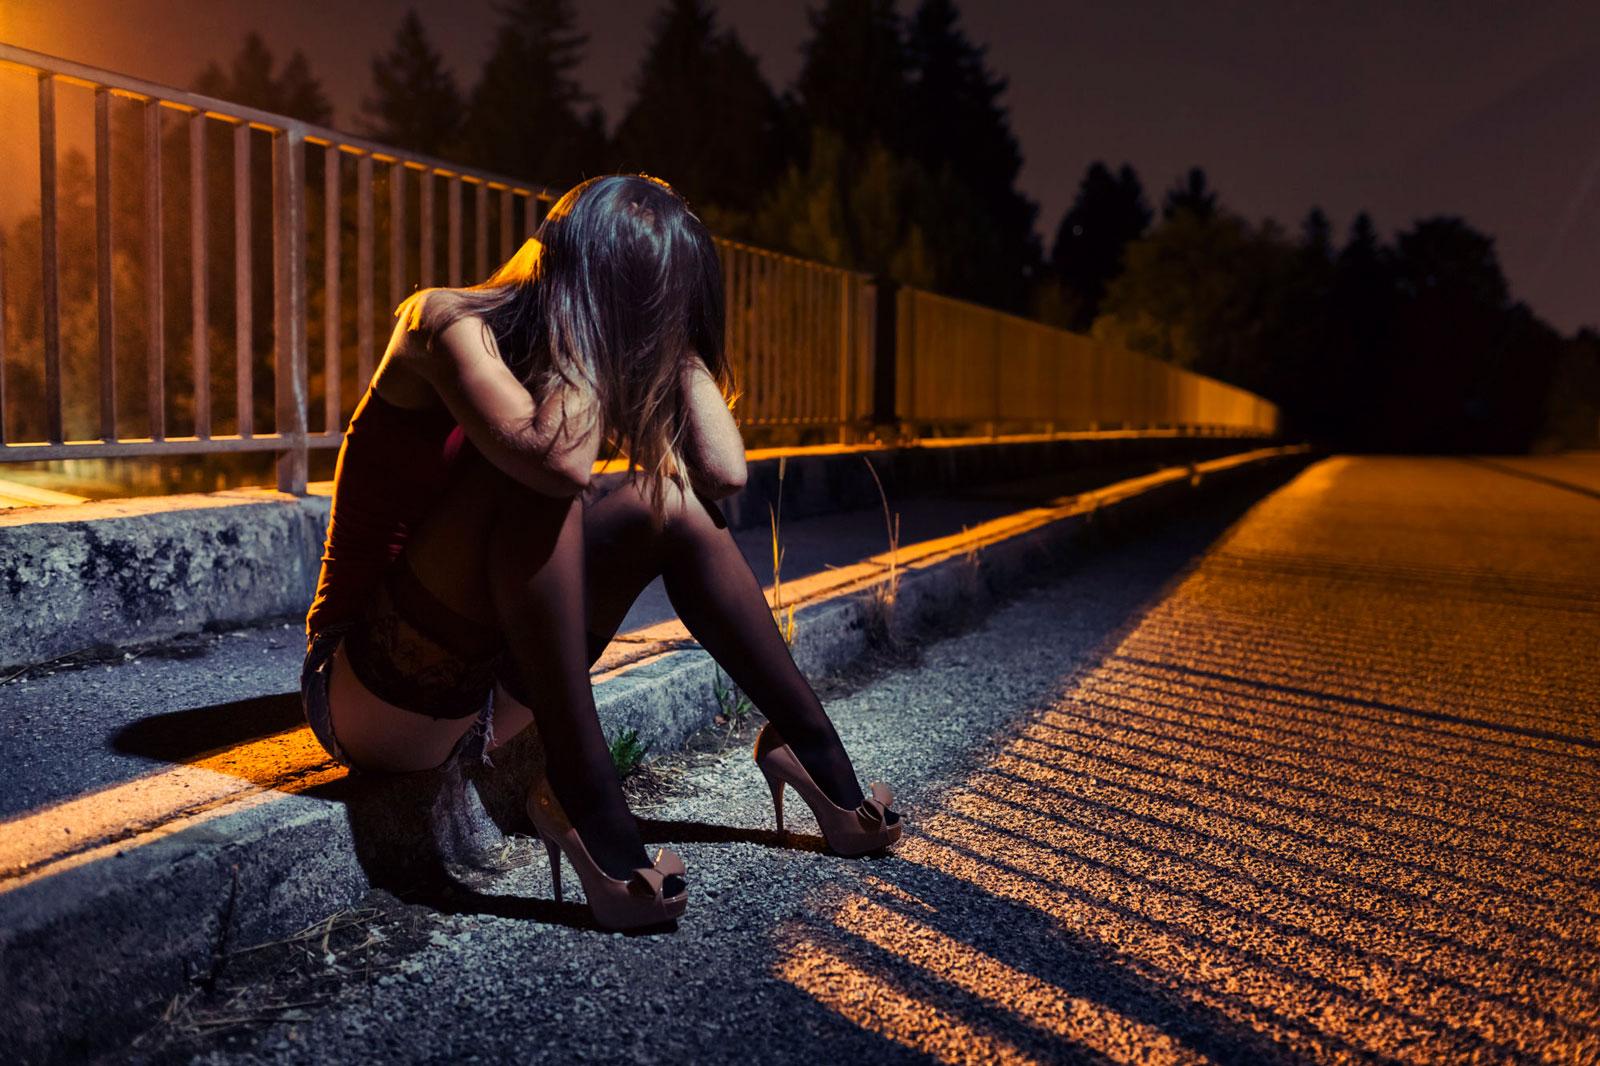 как снять проститутки в городе белгород